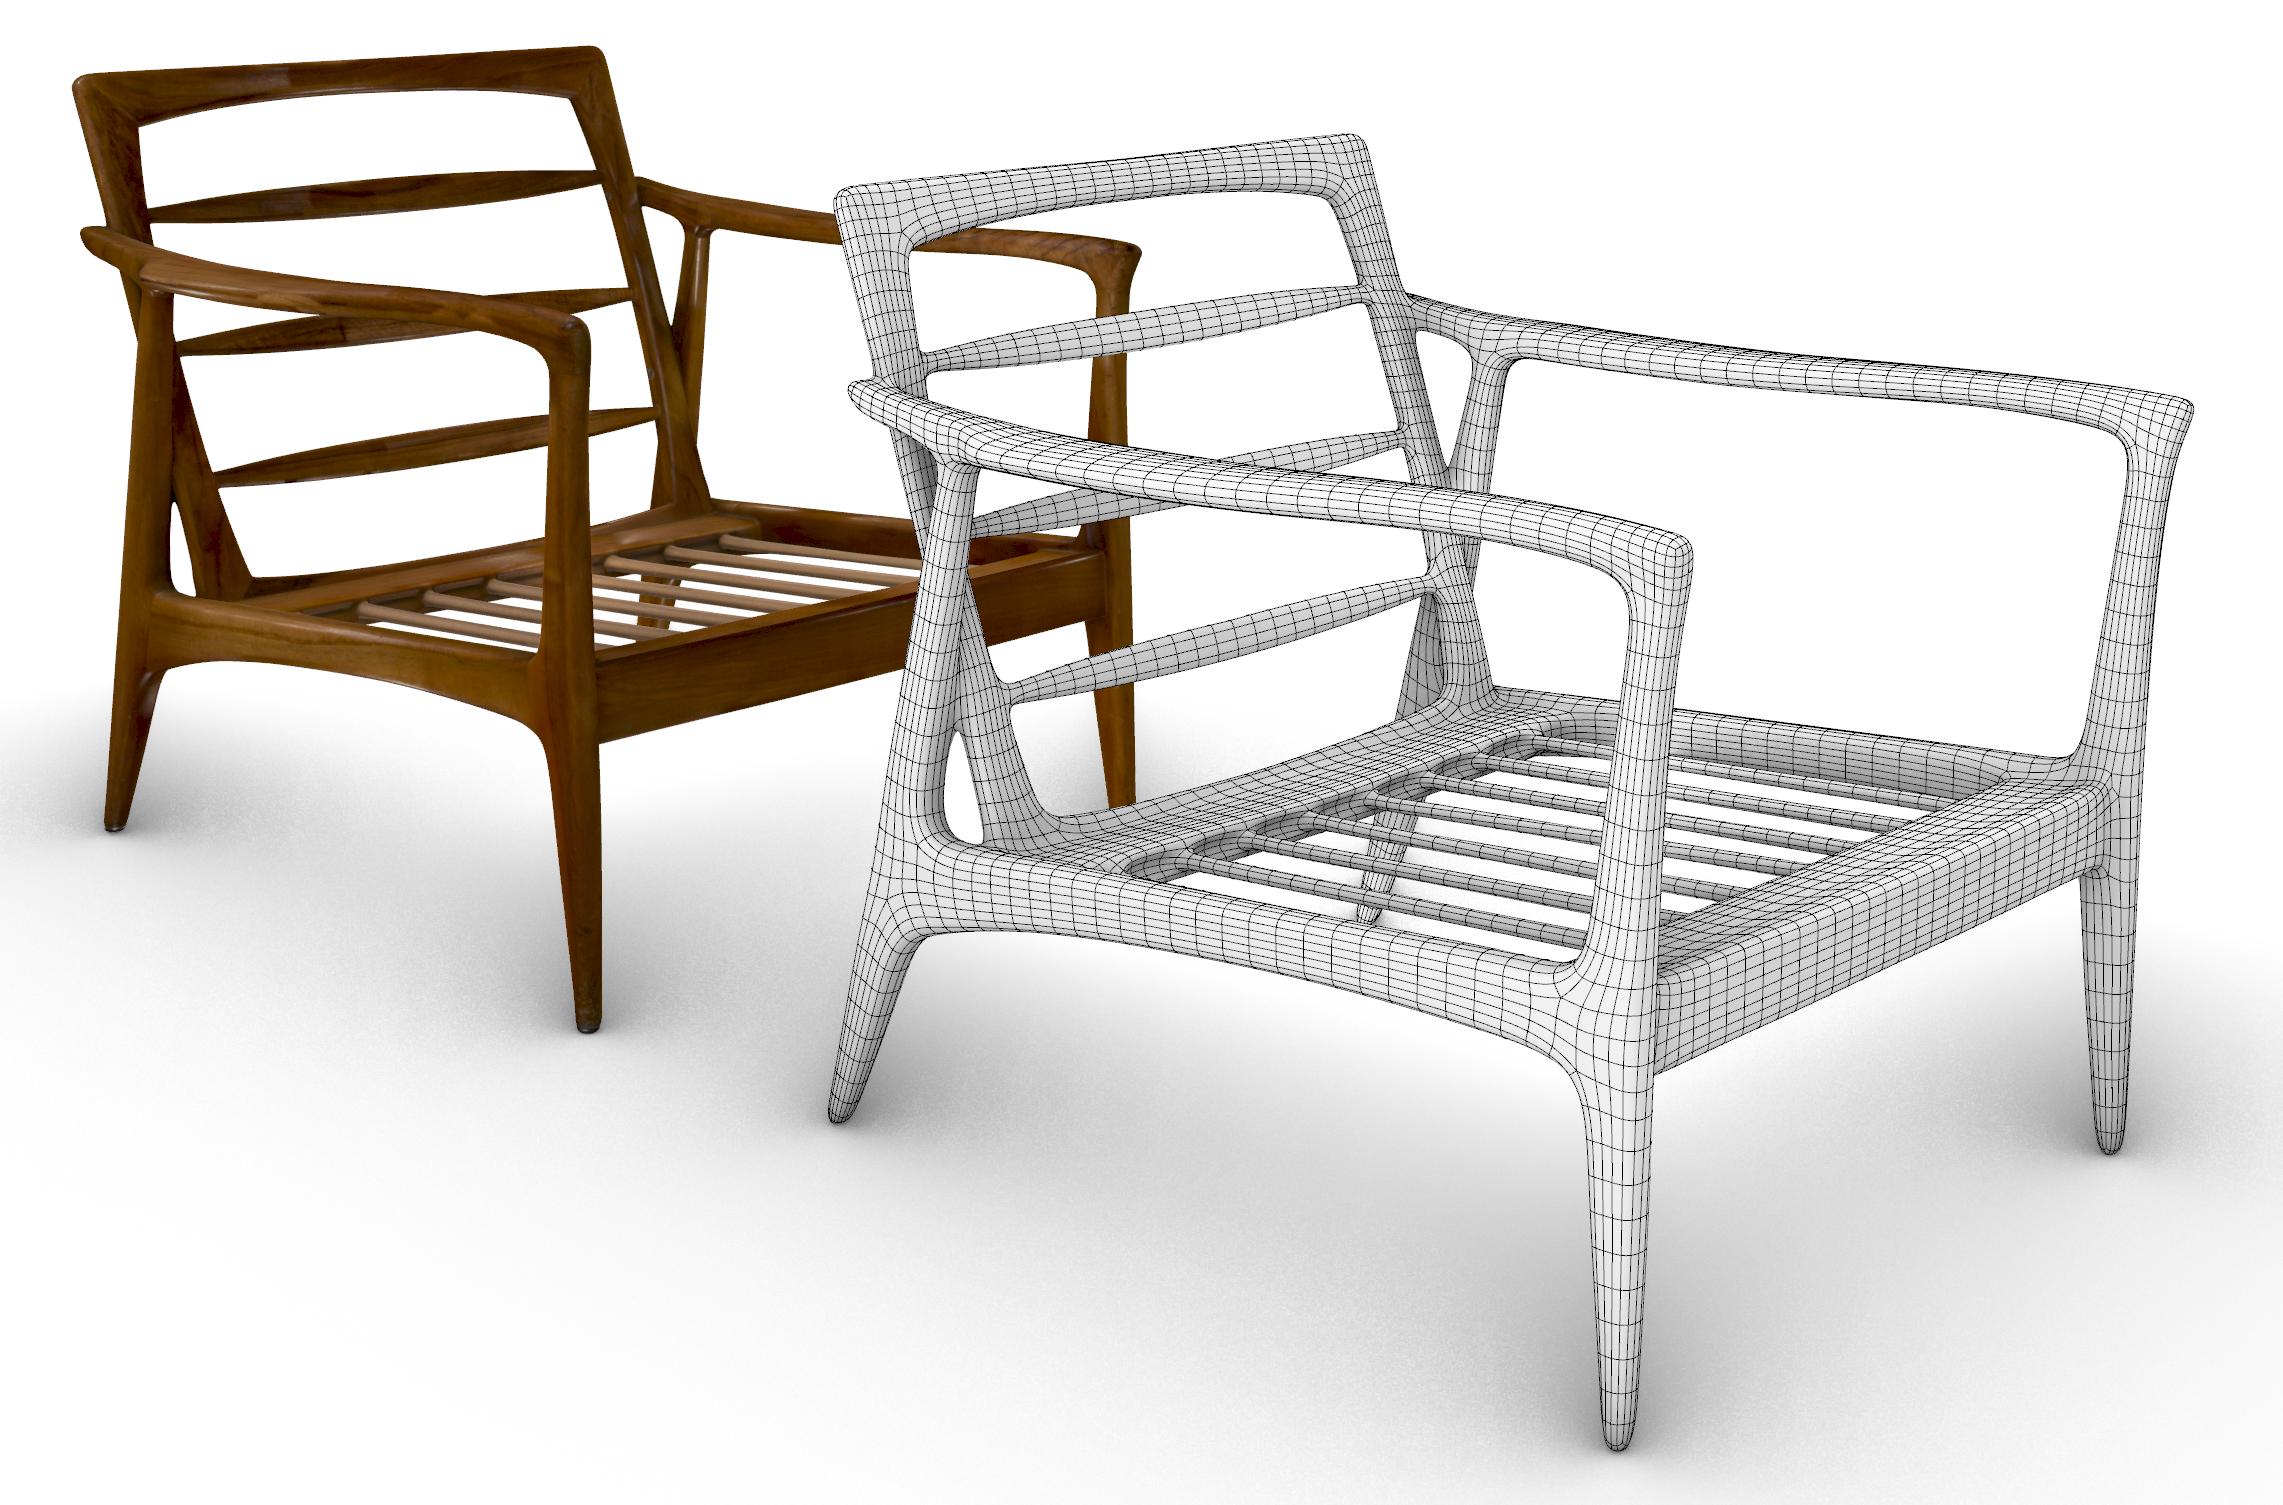 SubD Chair Martin Siegrist